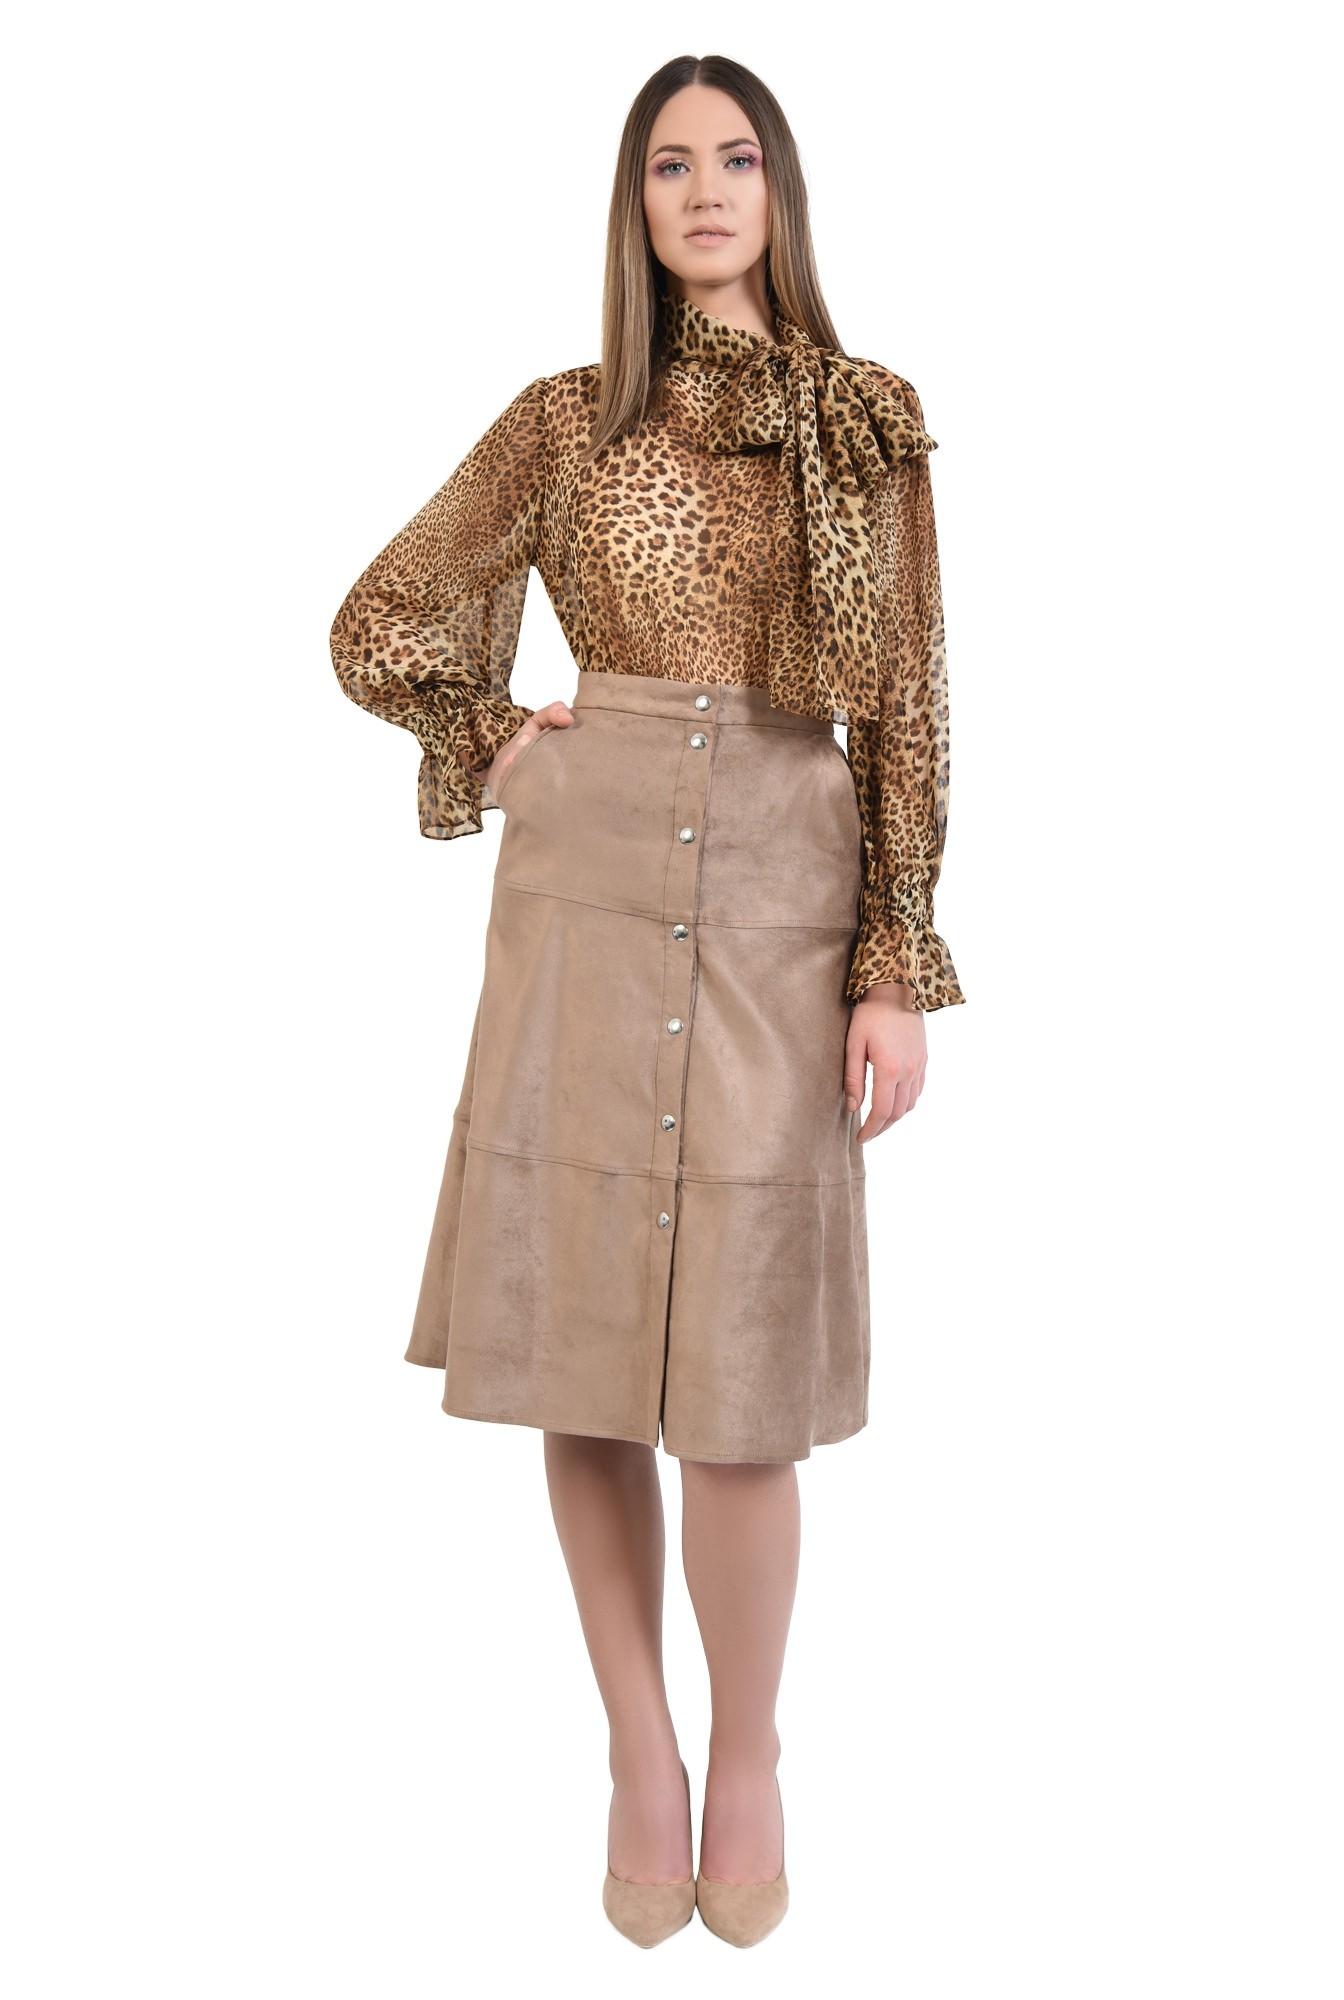 0 - fusta din velur, inchidere cu capse, cusaturi decorative, buzunare